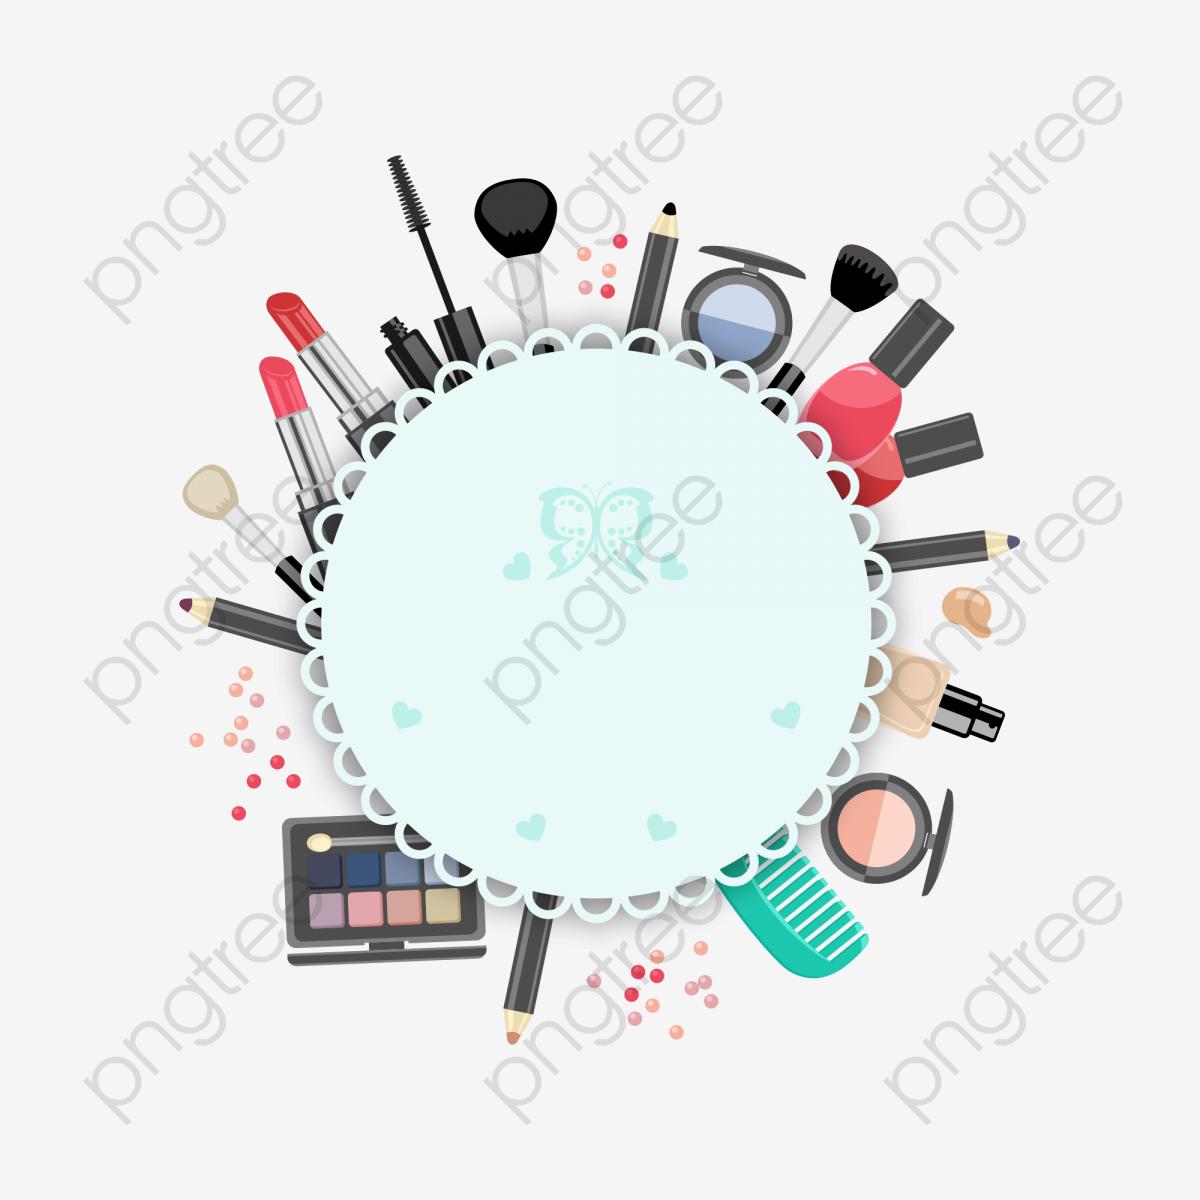 illustration de maquillage vecteur produits cosm u00e9tiques de forme annulaire png et vecteur pour